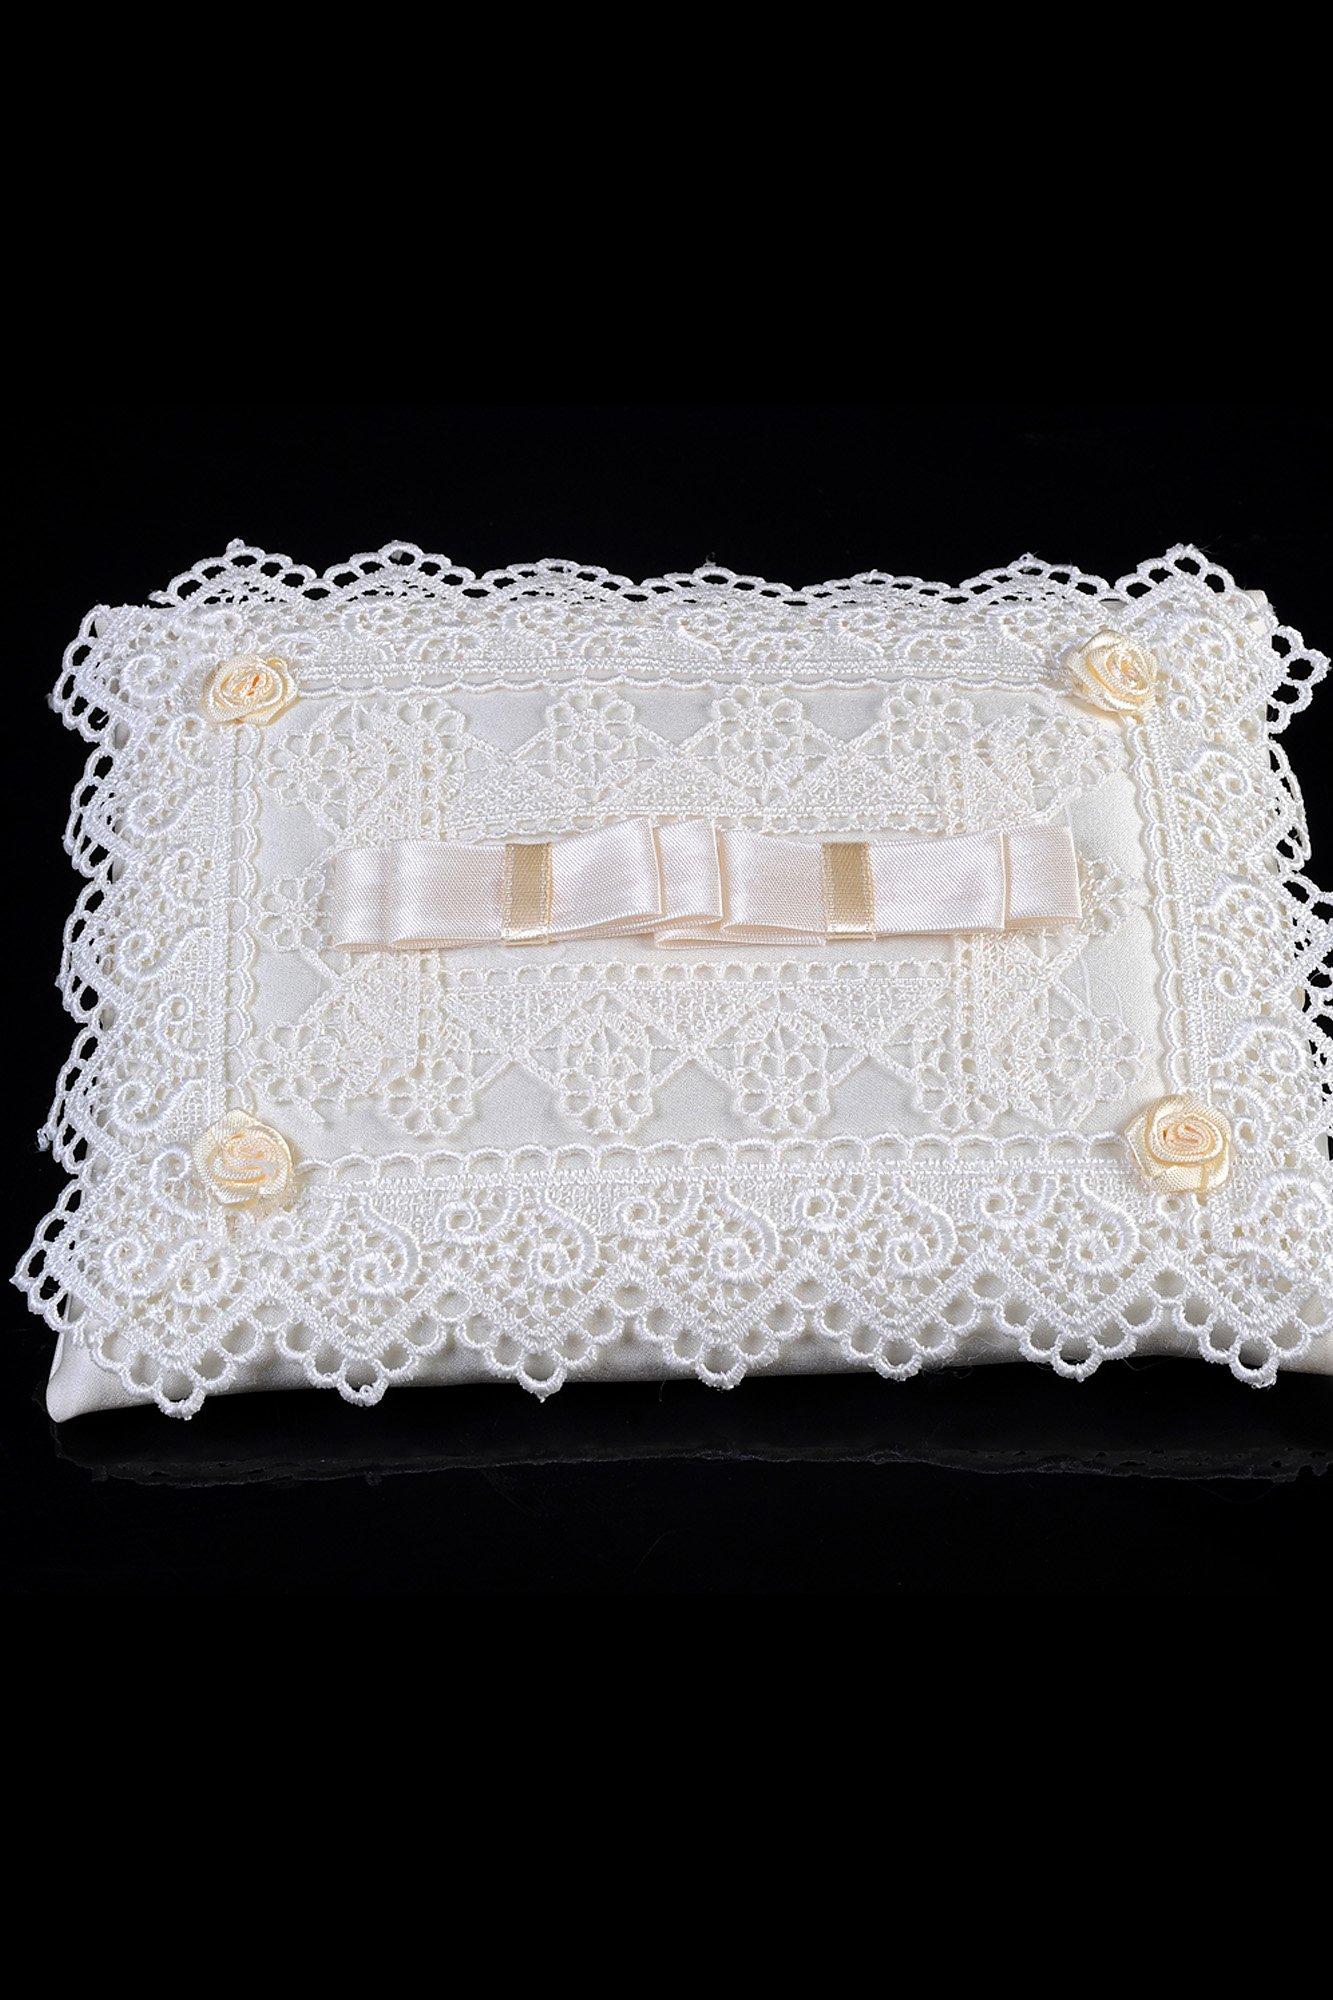 Нежная подушечка для колец, покрытая ажурной тесьмой и украшенная бантами из атласа.